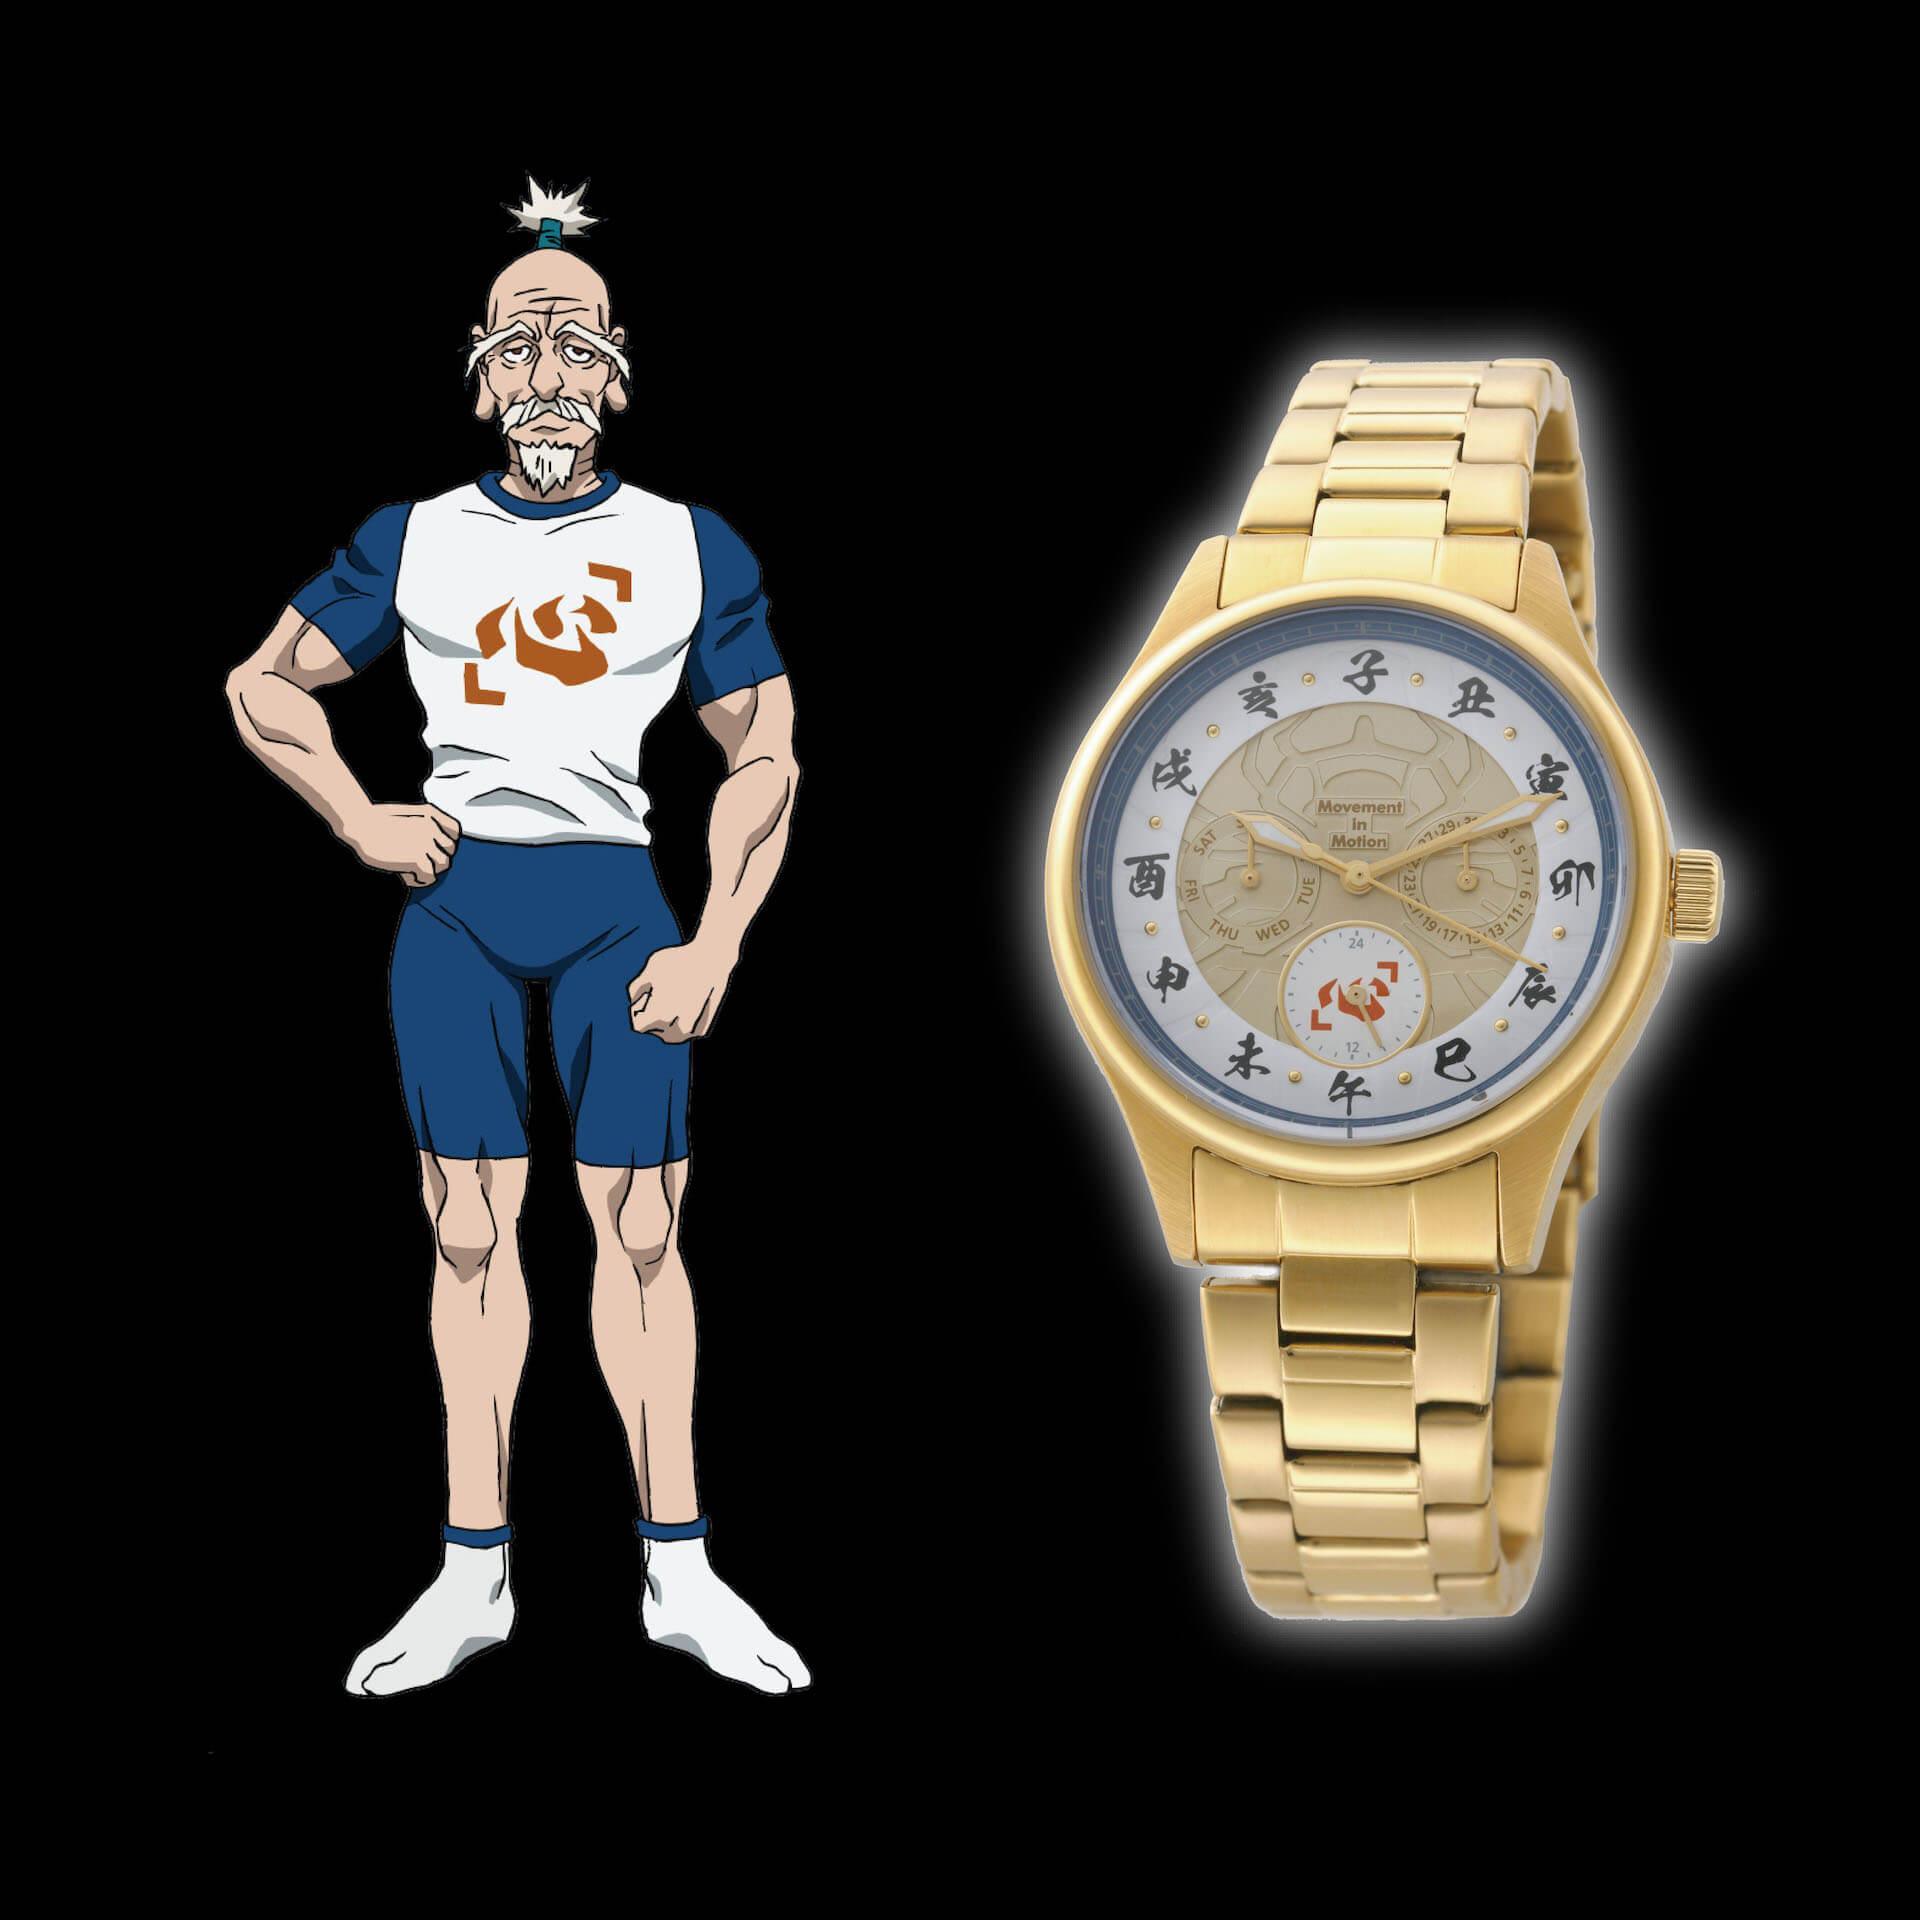 HUNTER×HUNTERとTiCTACの初コラボレーション腕時計が登場|ゴンやヒソカたち、人気キャラクターを表現 sub9